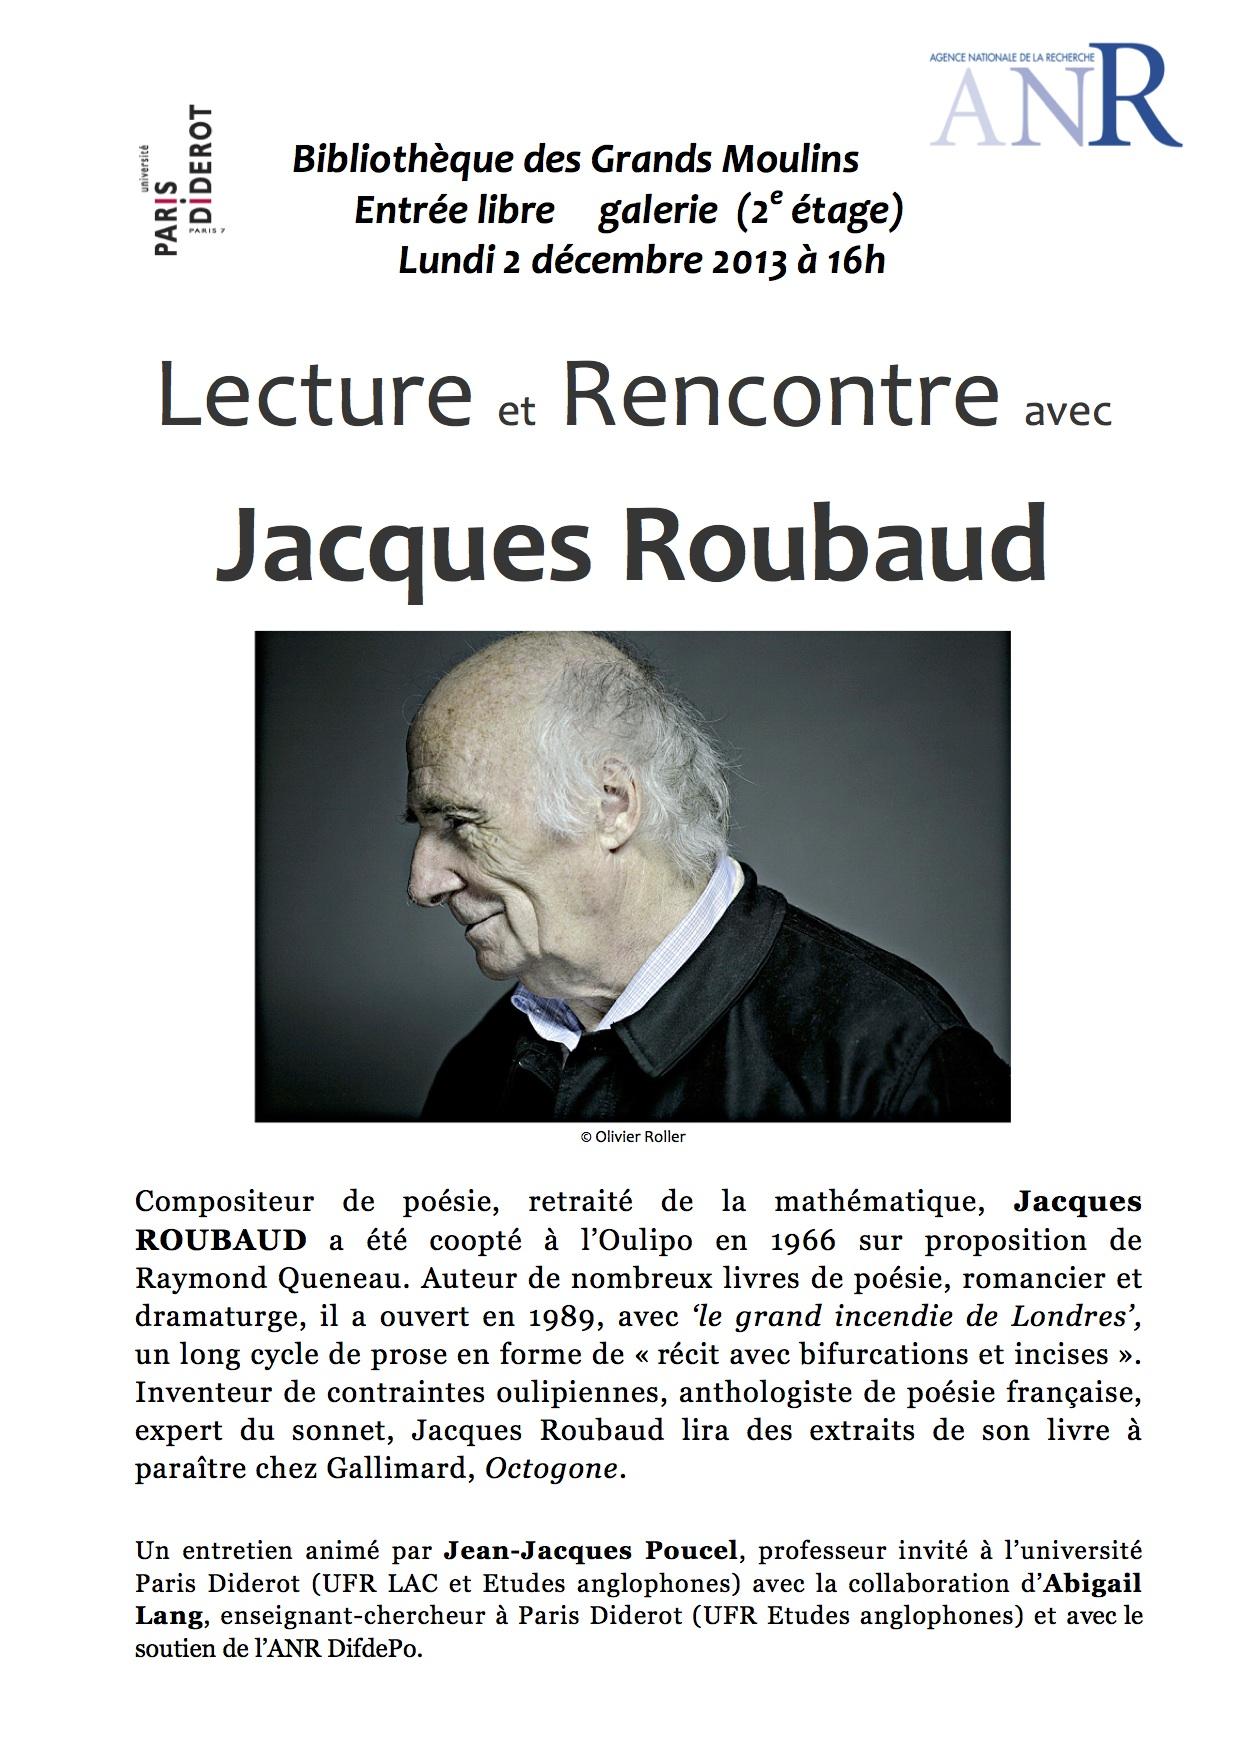 Lecture et rencontre avec Jacques Roubaud